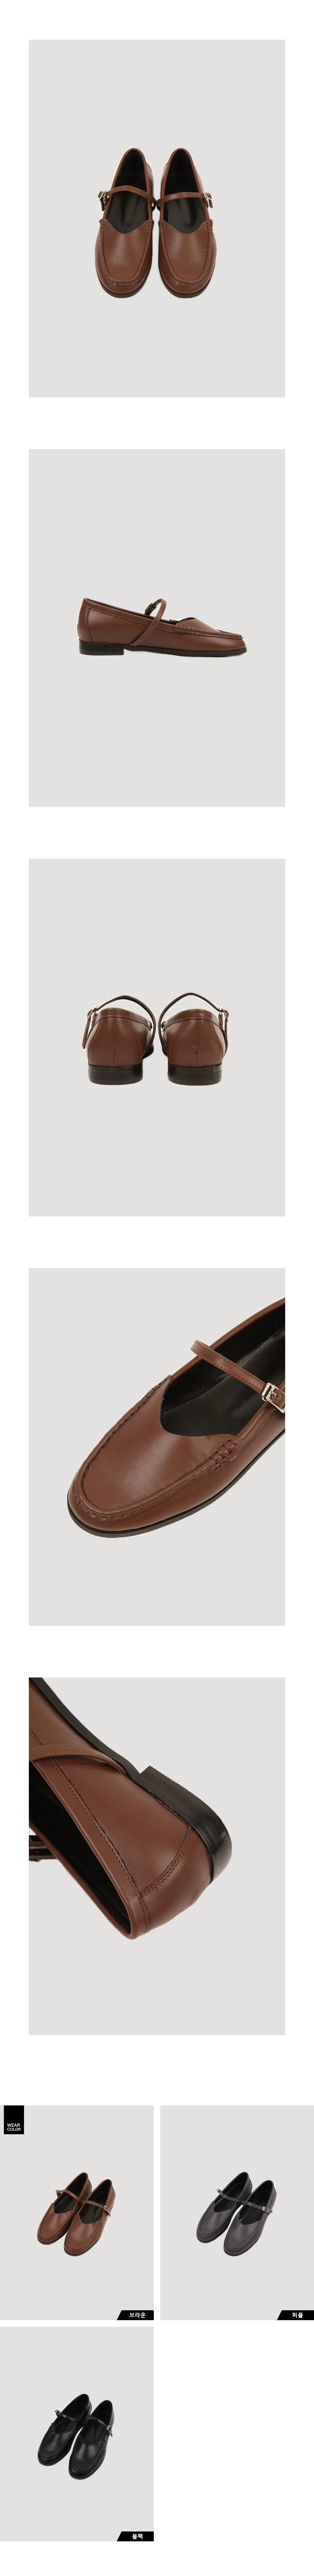 Strap vintage loafers